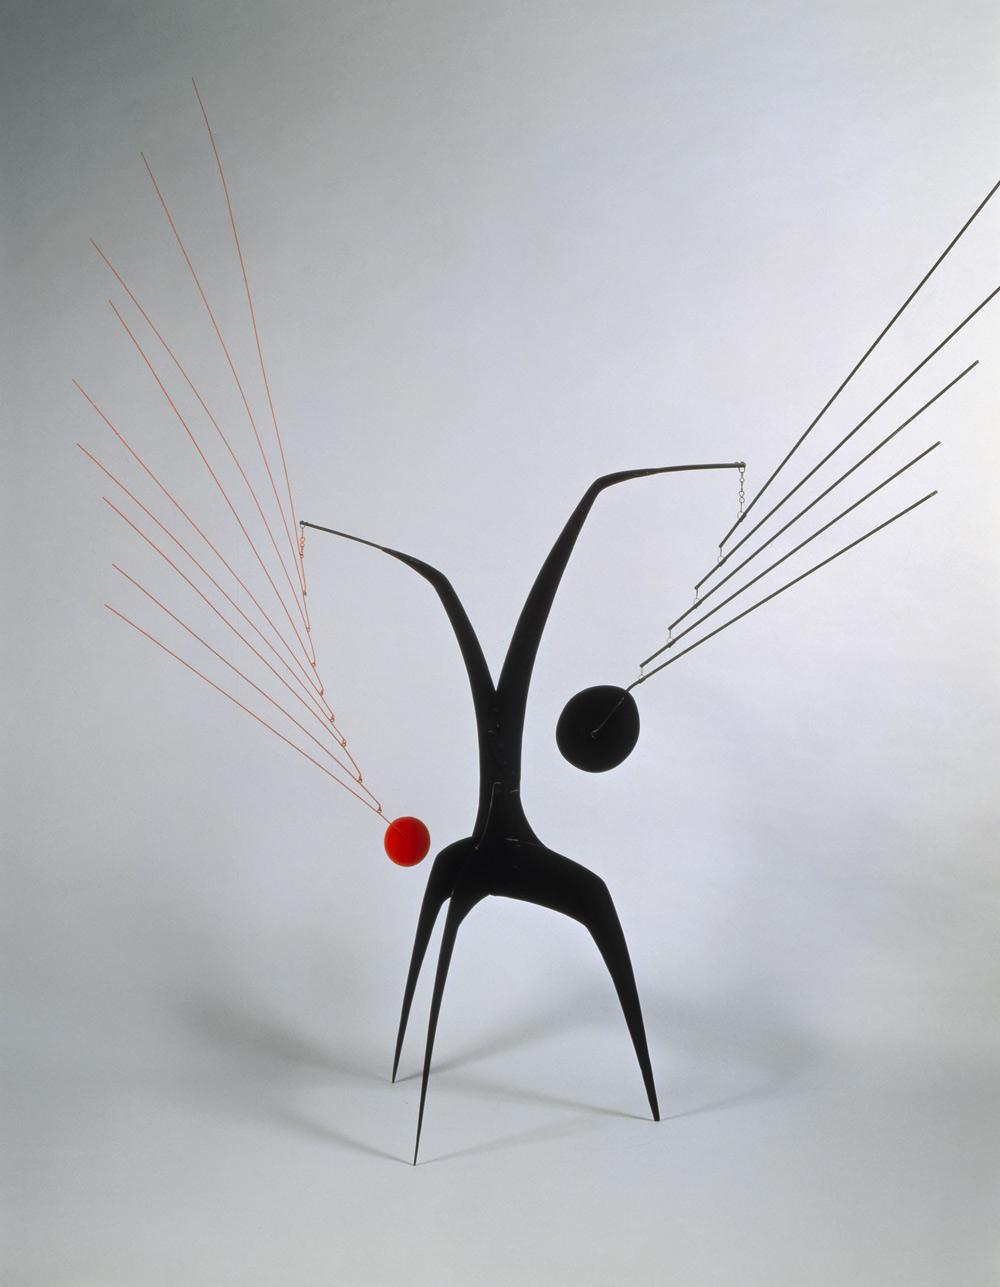 Calder mobile Art Blart